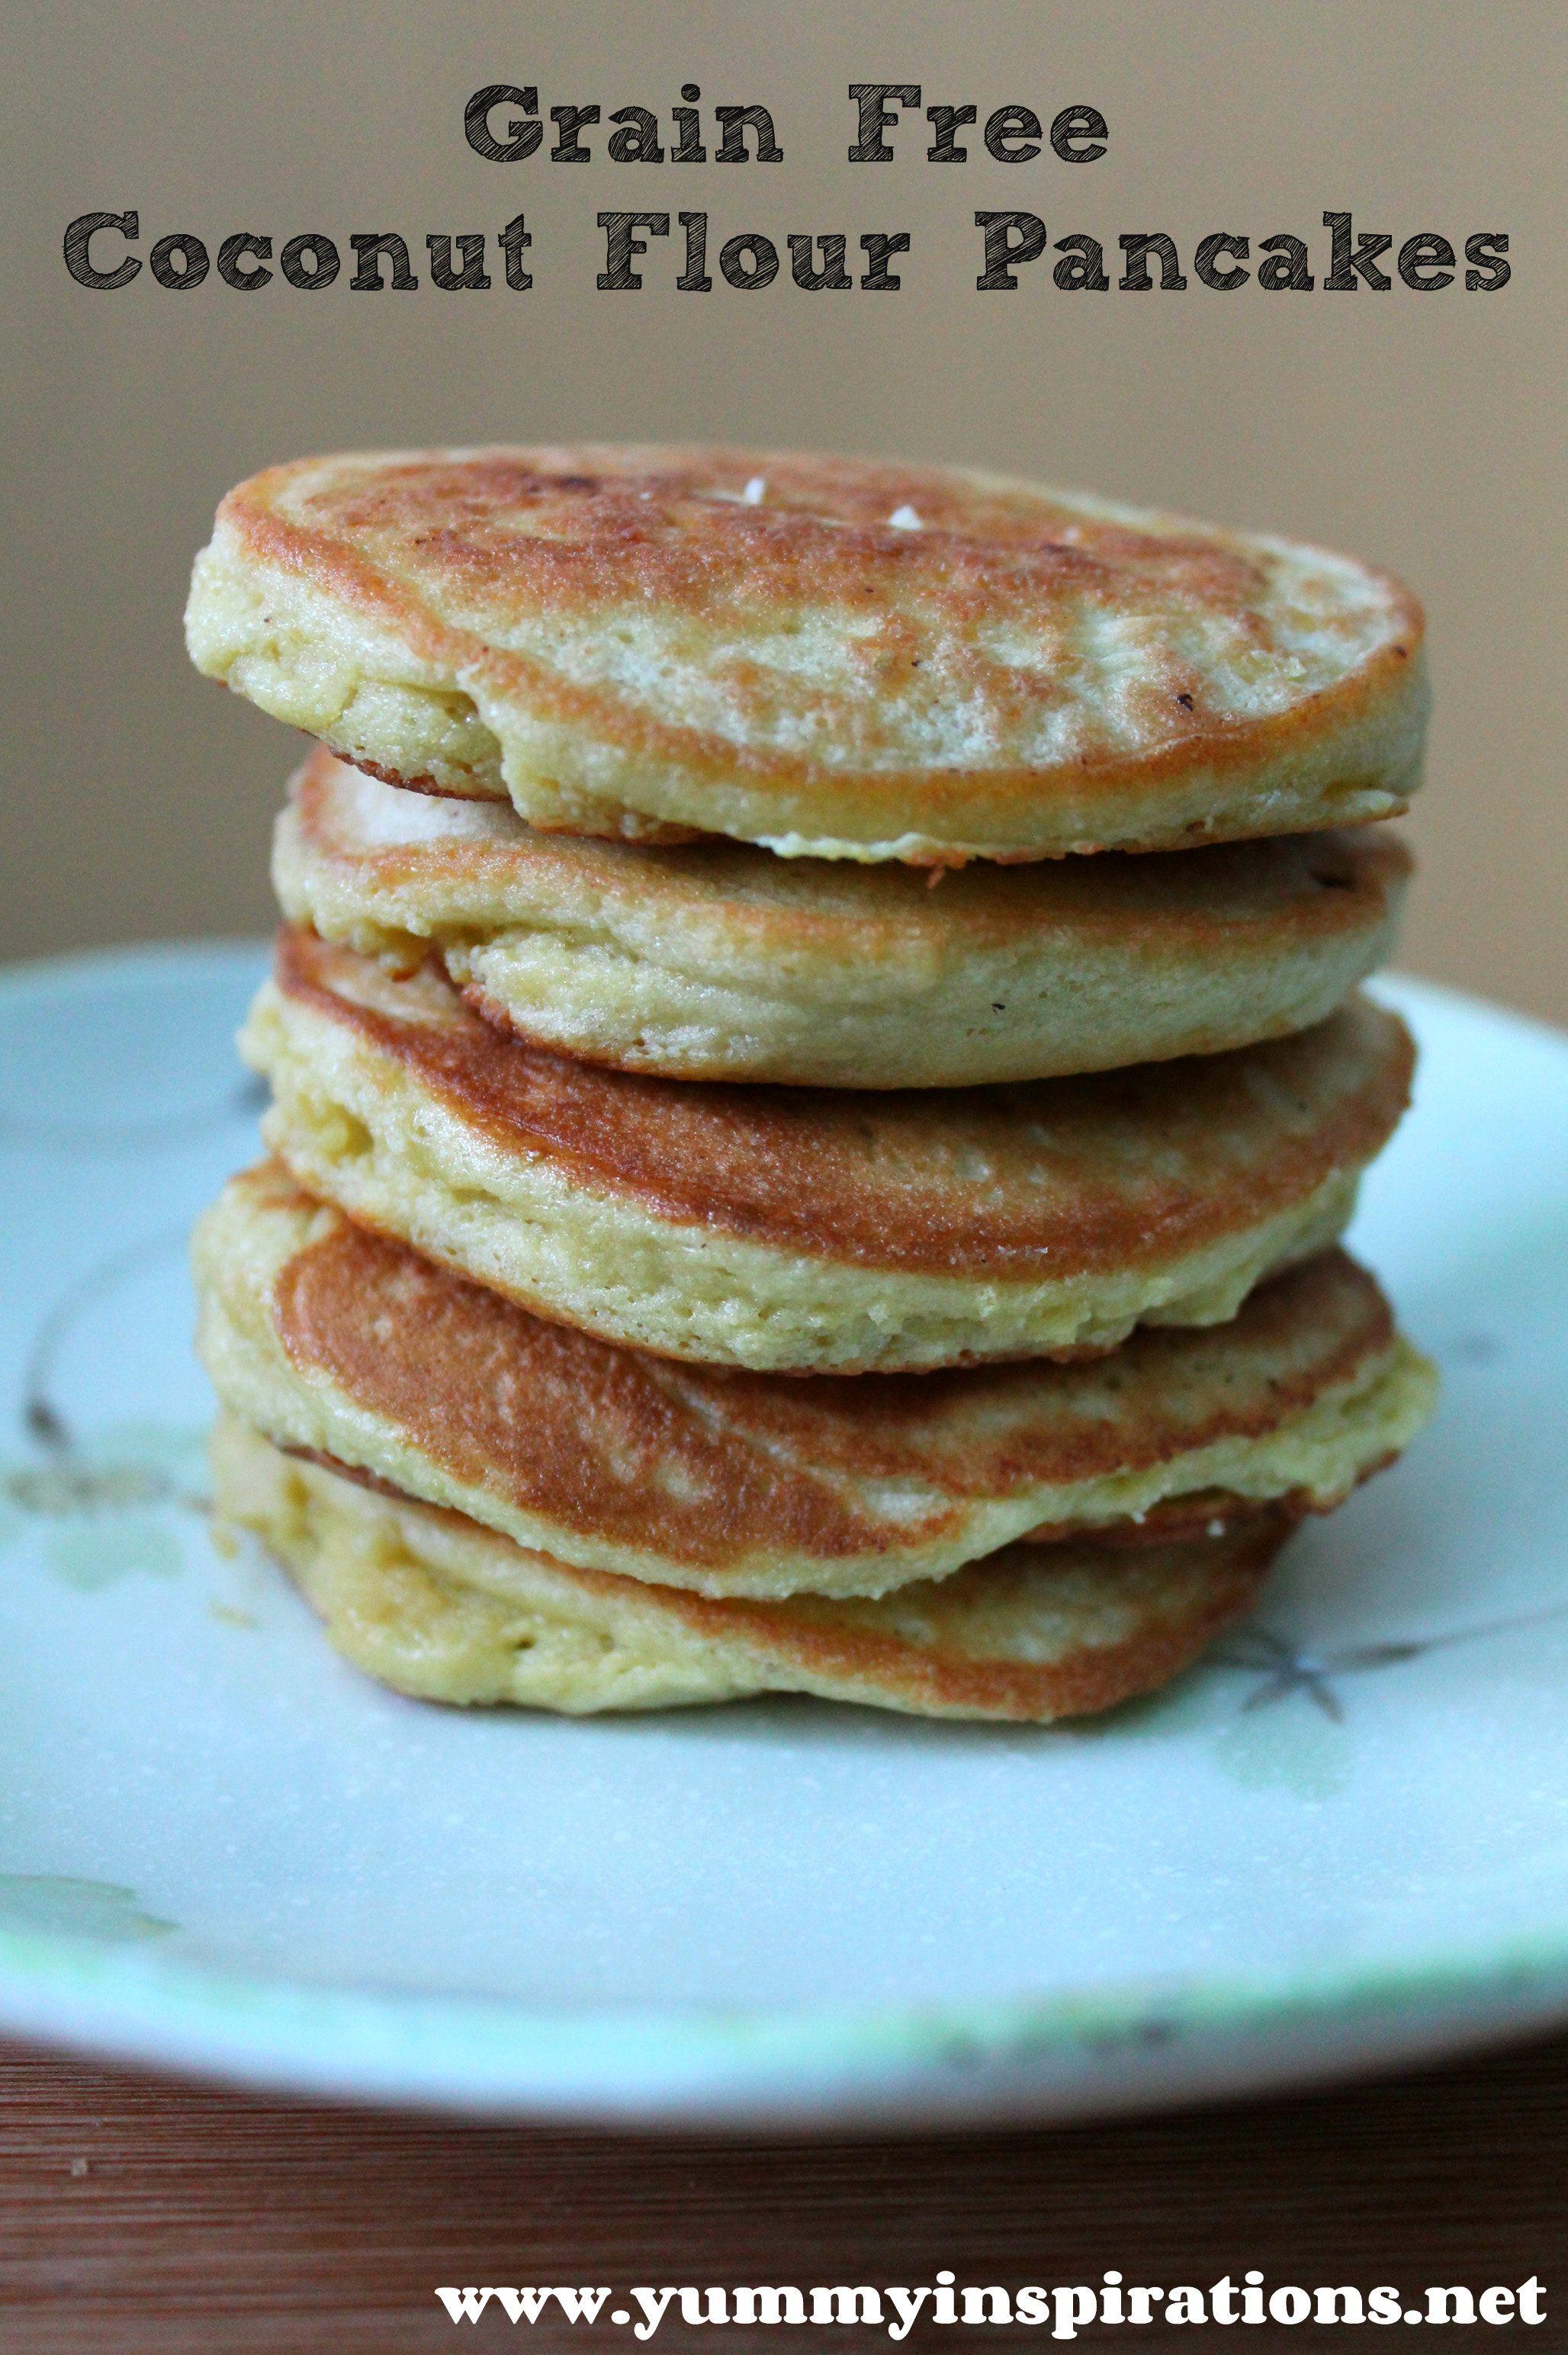 Grain free coconut flour pancakes gaps paleo receita receitas grain free coconut flour pancakes gaps paleo receita receitas sem glten panquecas e sem glten ccuart Images